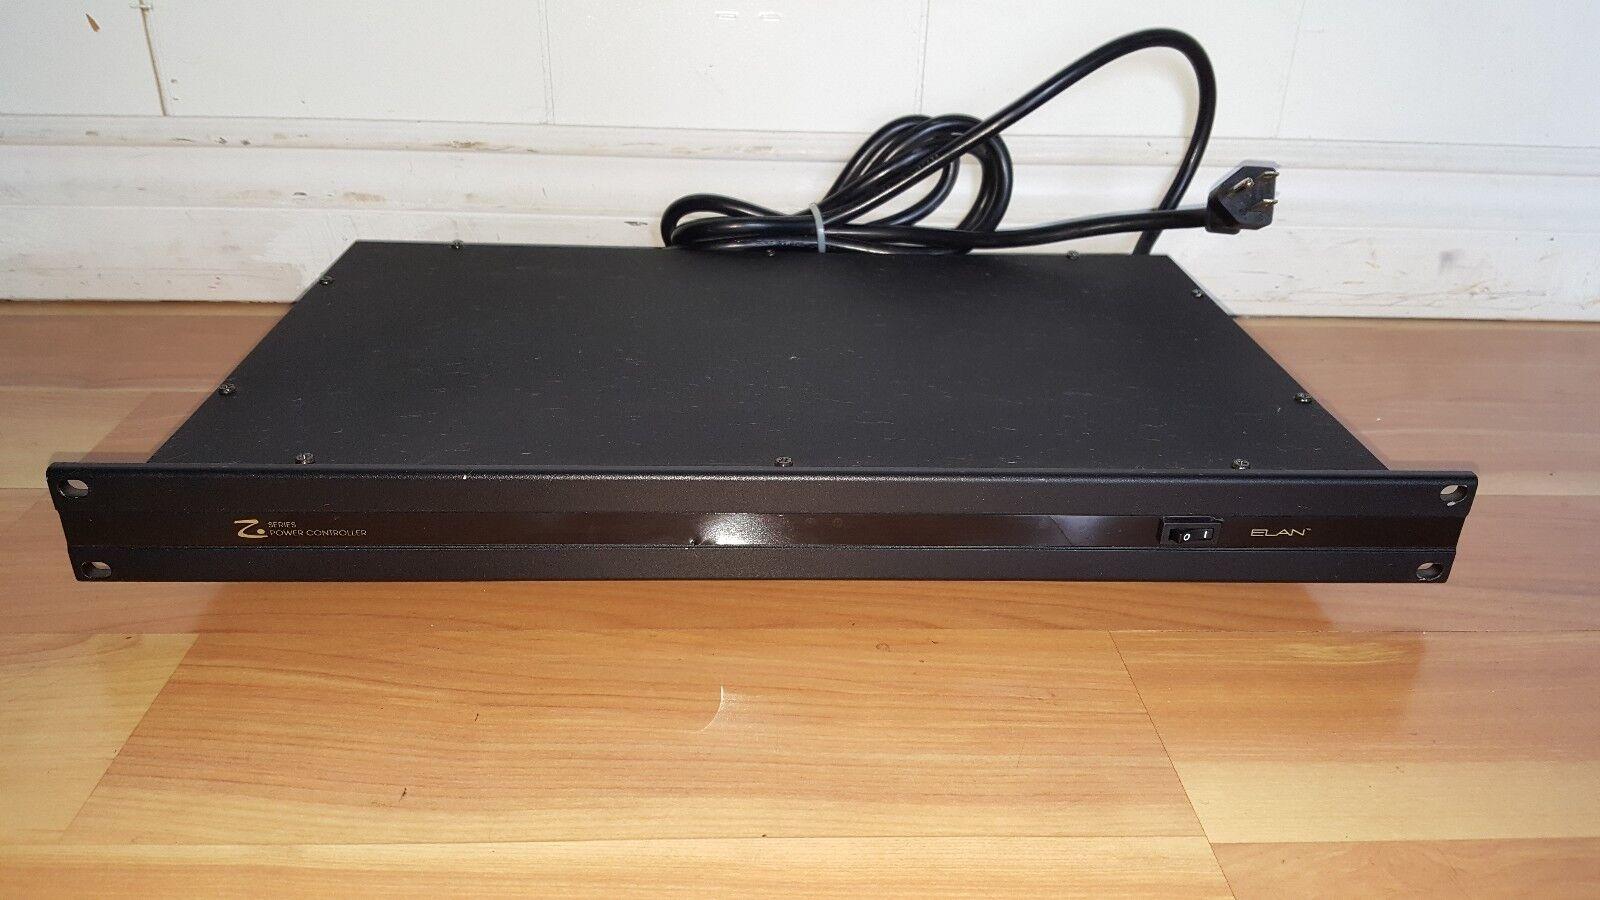 Elan zpower/zpowerr power controller 8 outlet